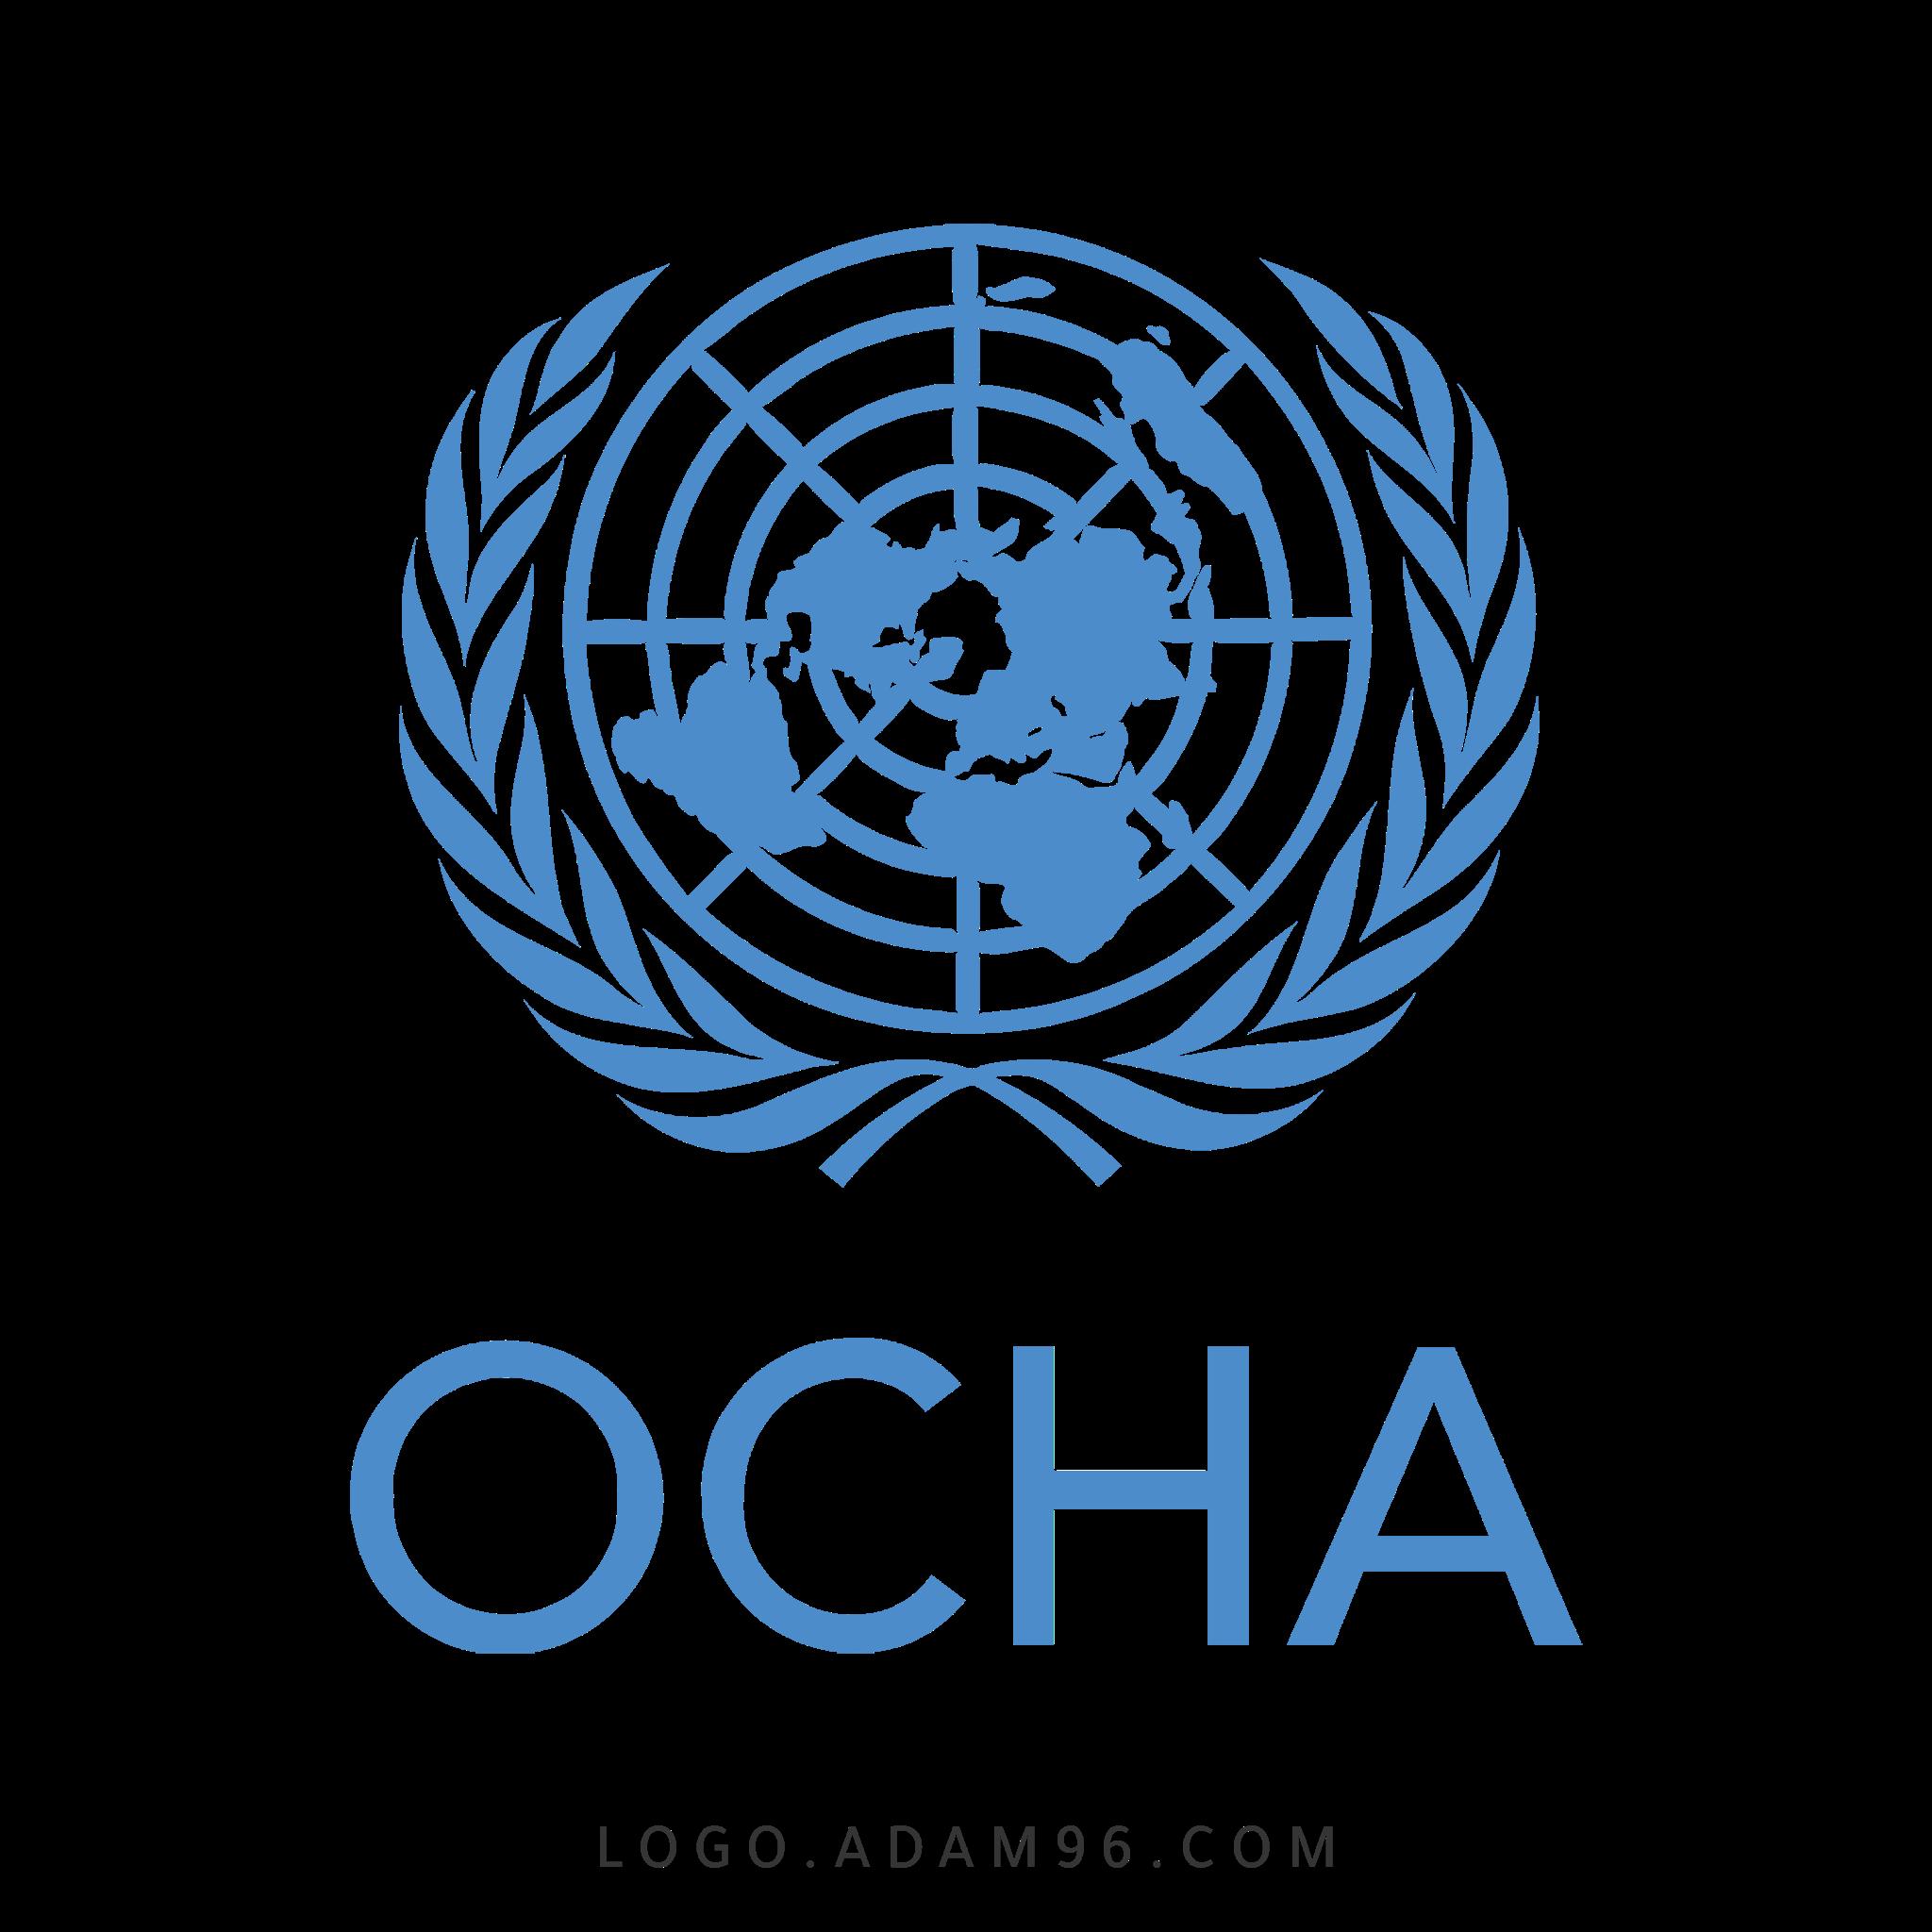 تحميل شعار مكتب الأمم المتحدة لتنسيق الشؤون الإنسانية لوجو رسمي LOGO OCHA PNG